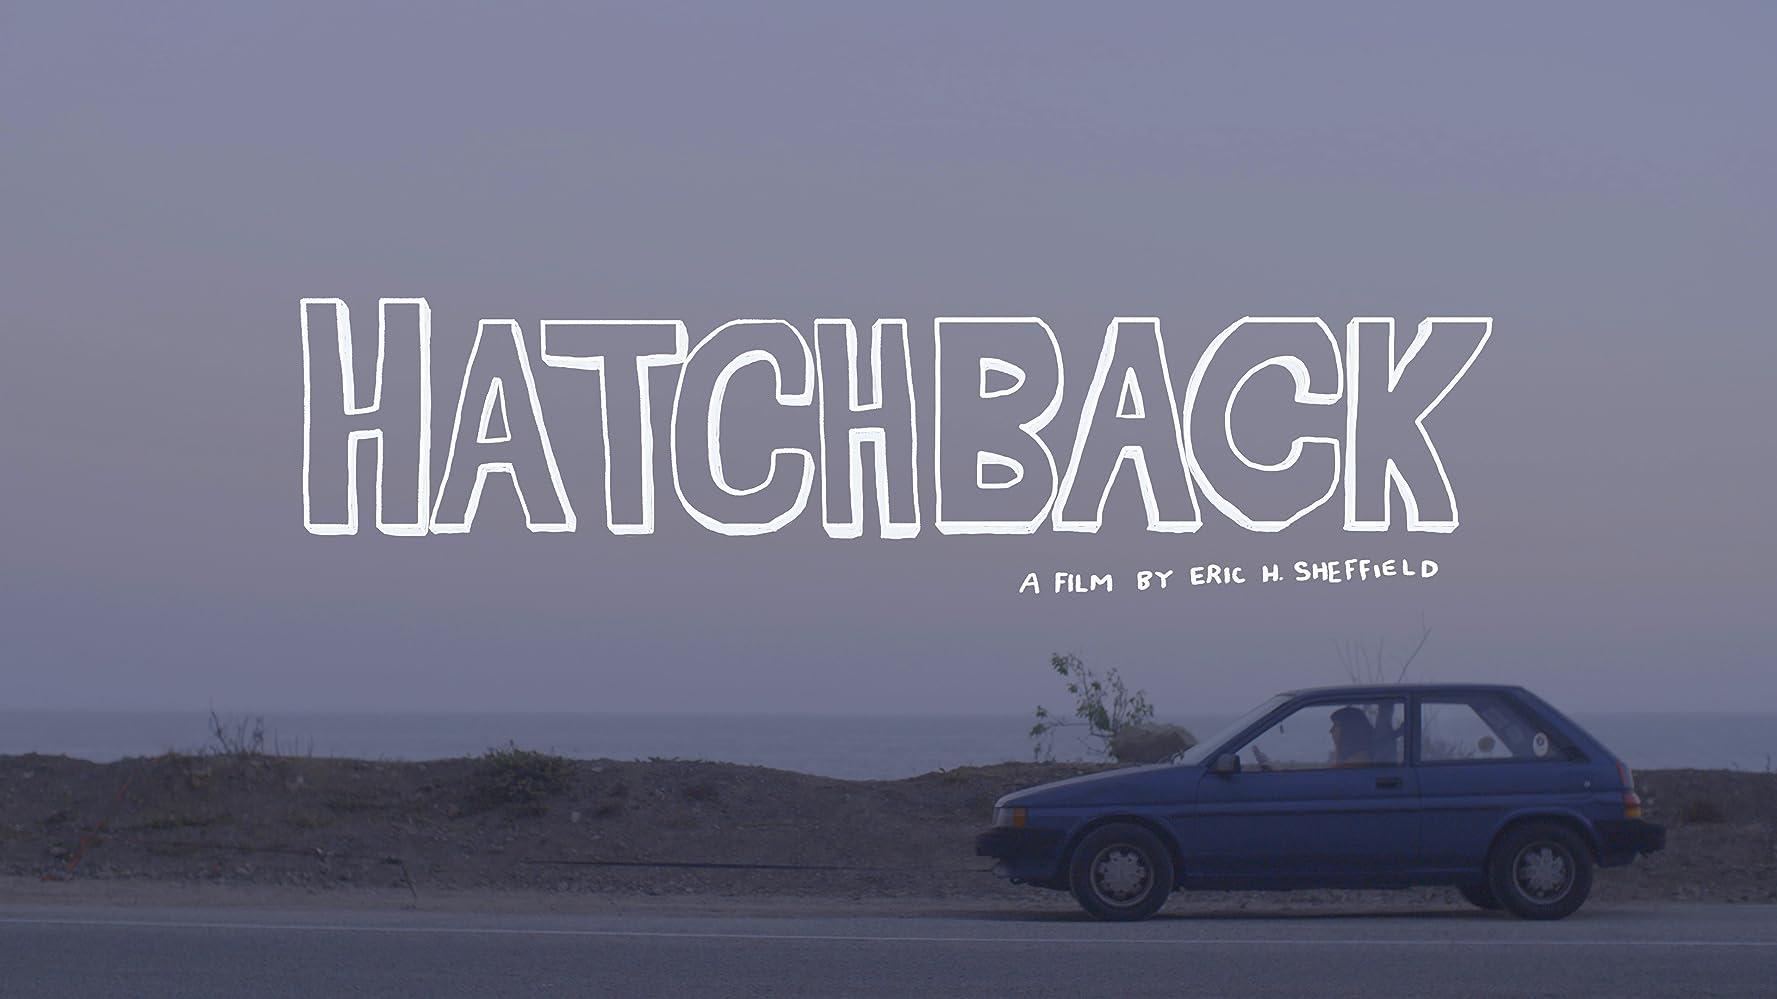 Hatchback